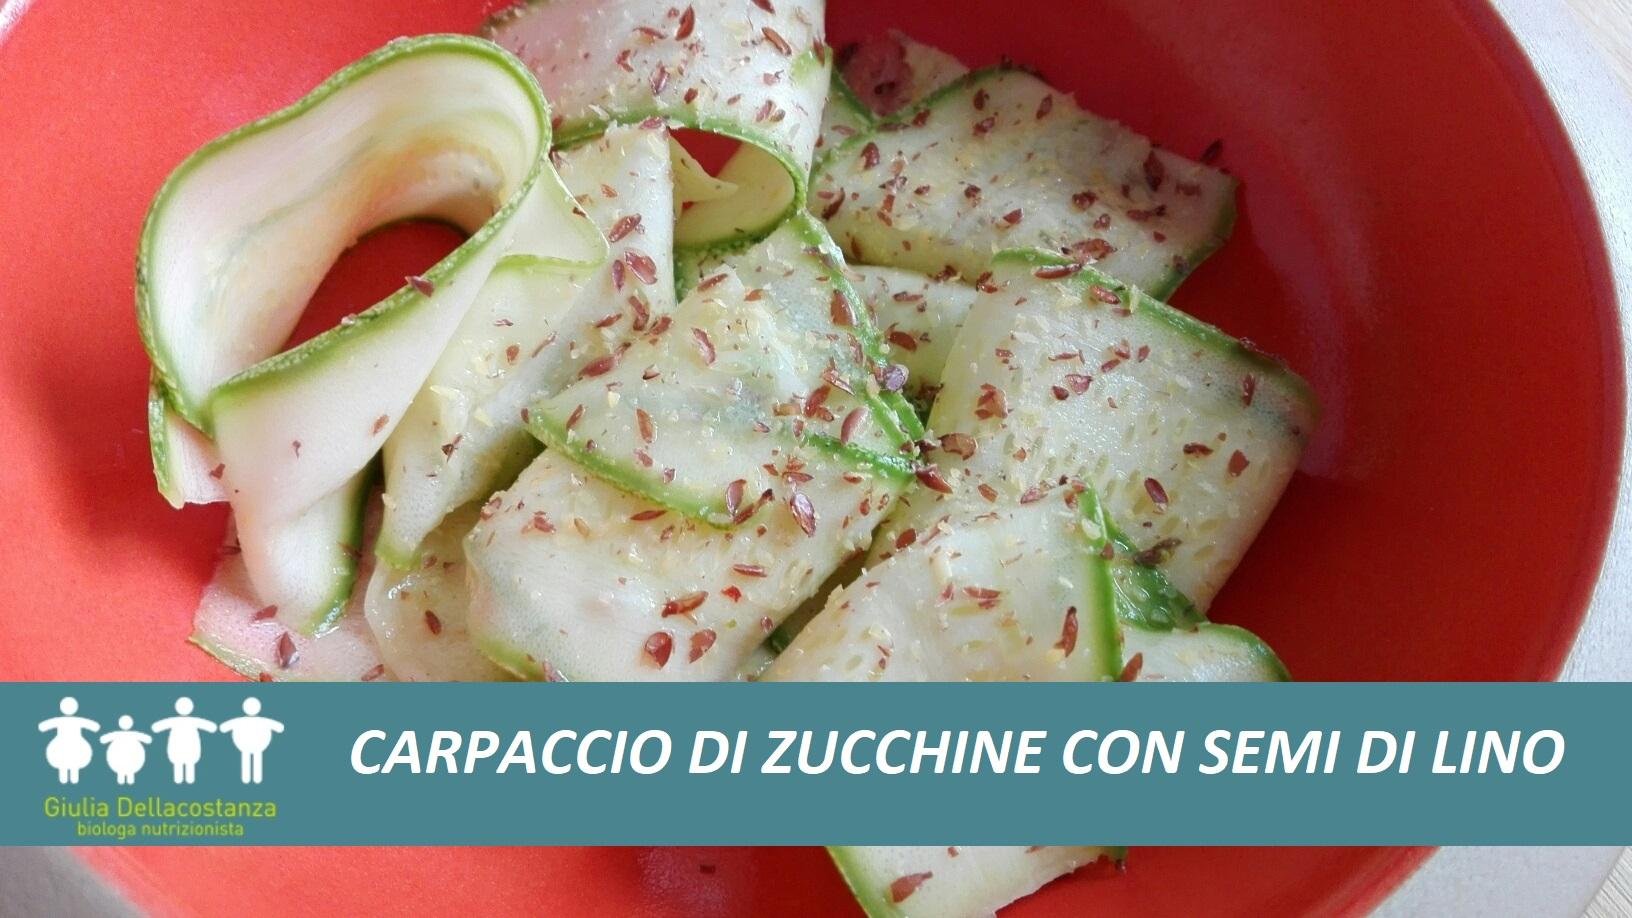 Zucchine crude condite con semi di lino macinati, aglio fresco e succo di limone.